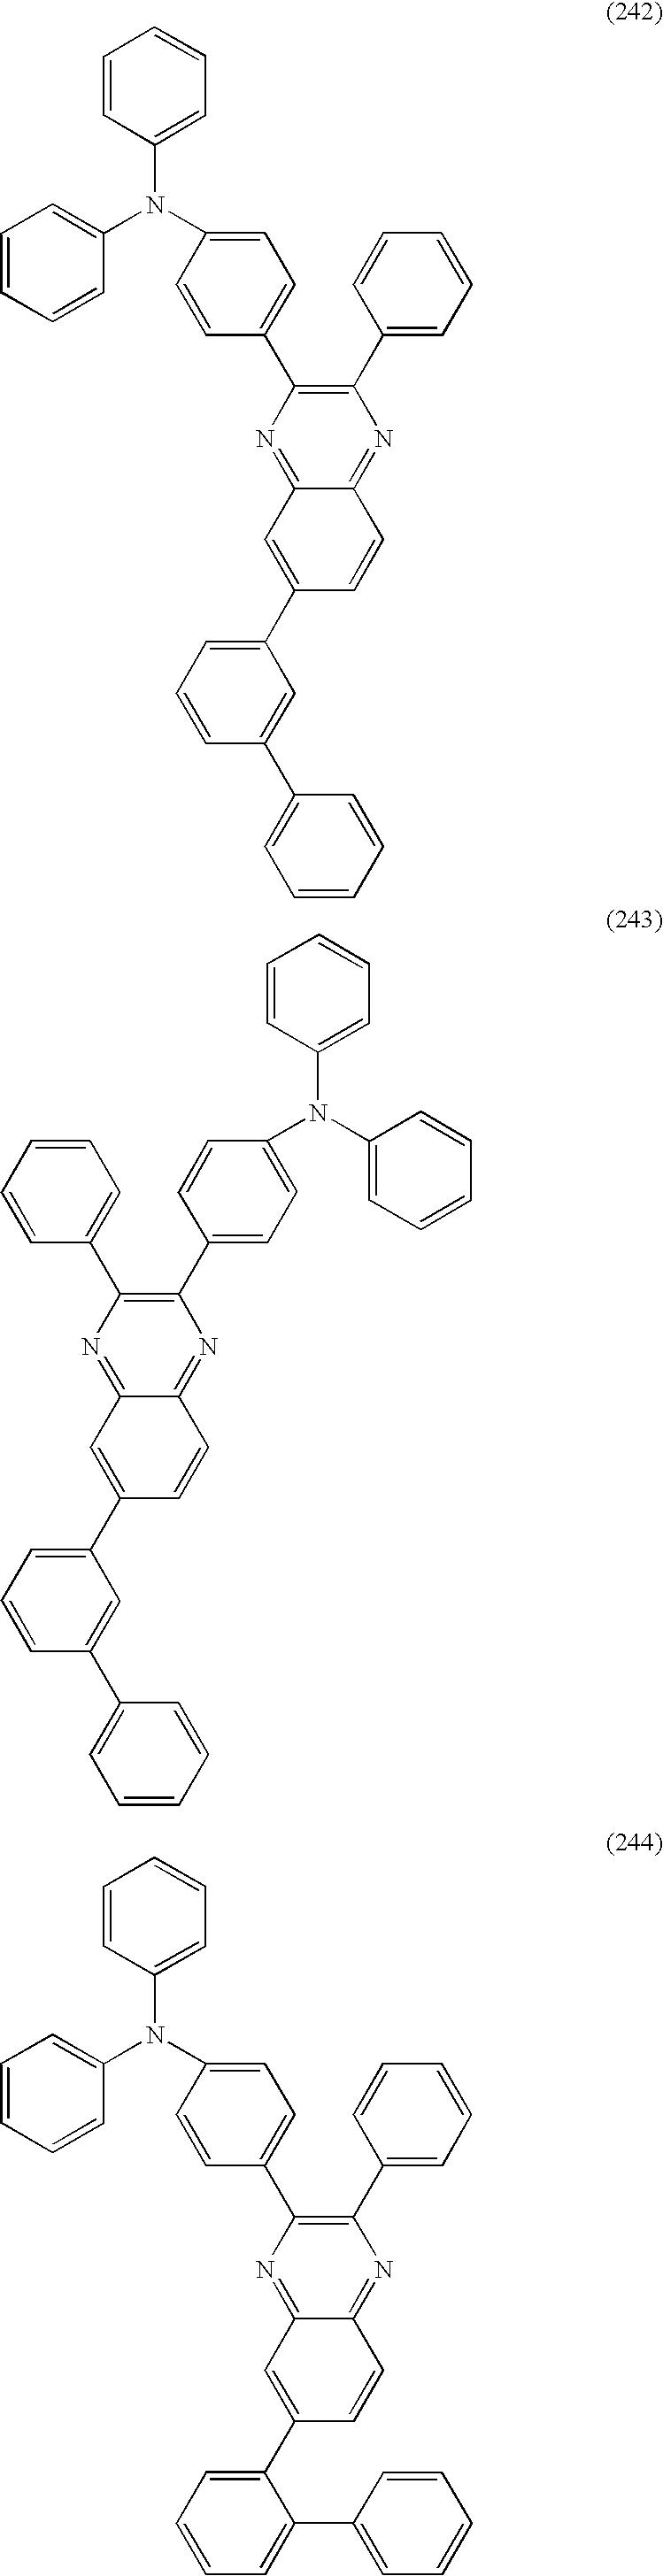 Figure US08178216-20120515-C00082